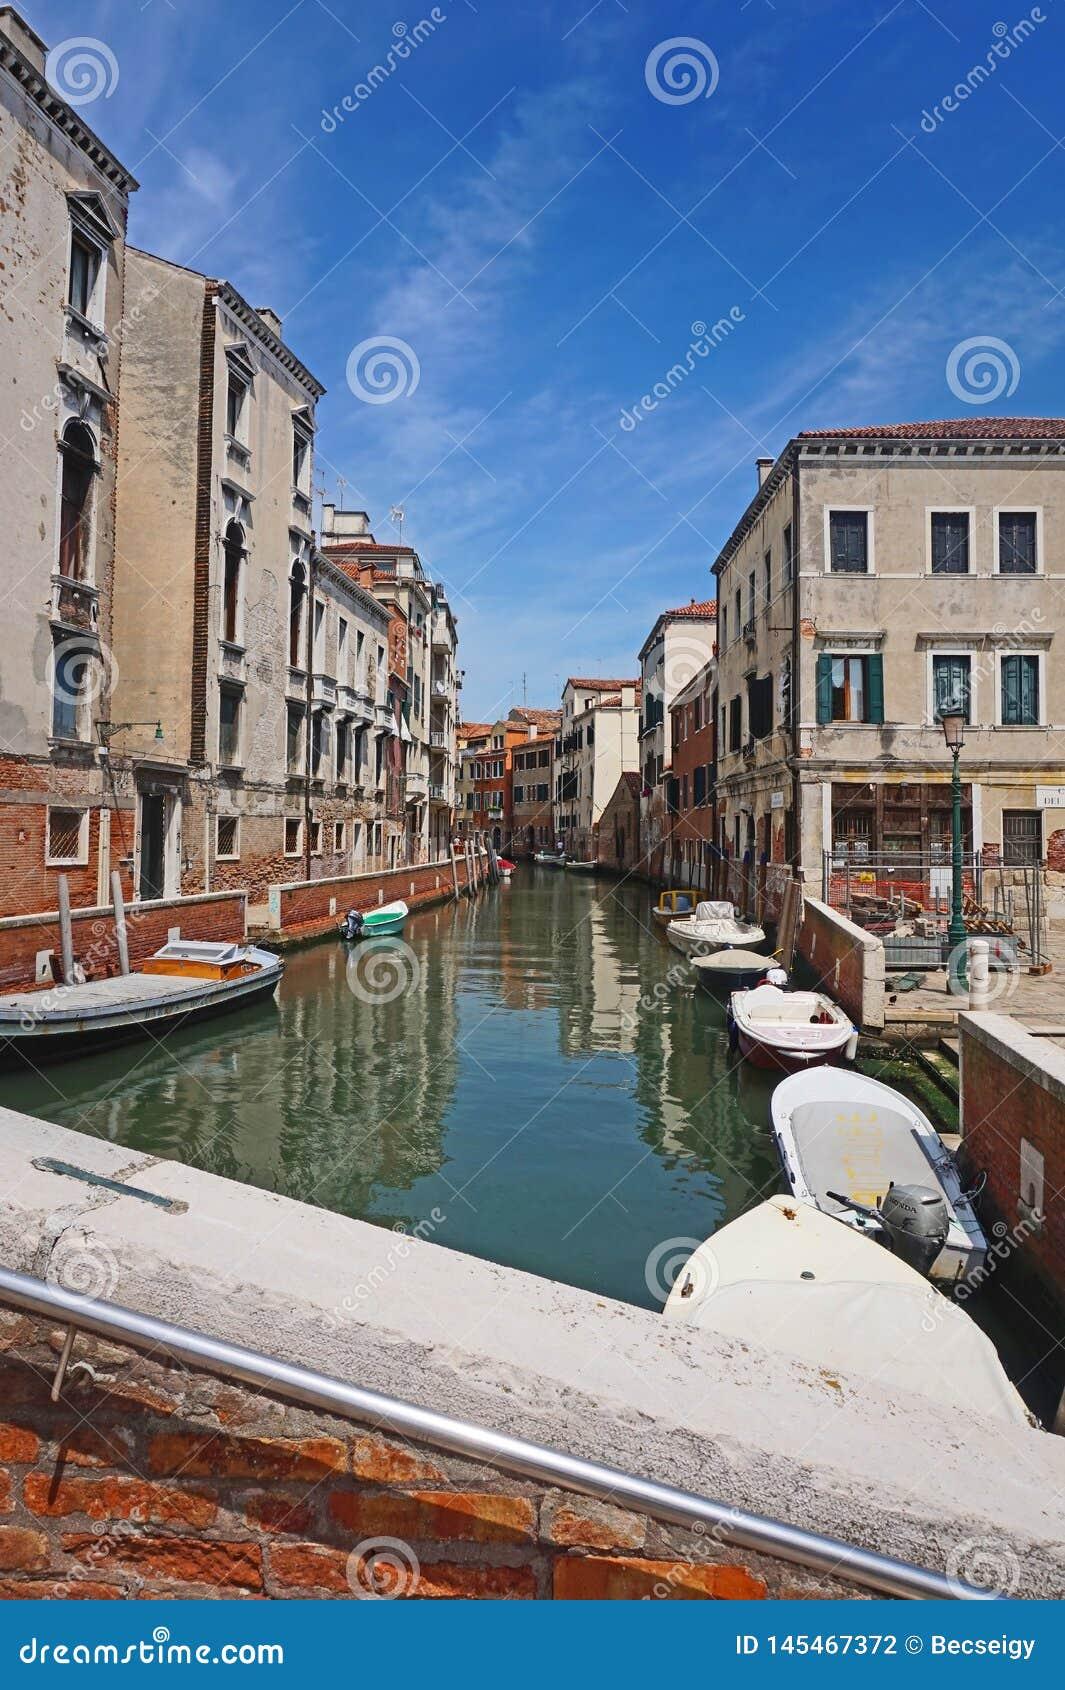 Mooie Venetiaanse kanaalstraat - Venetië, Italië